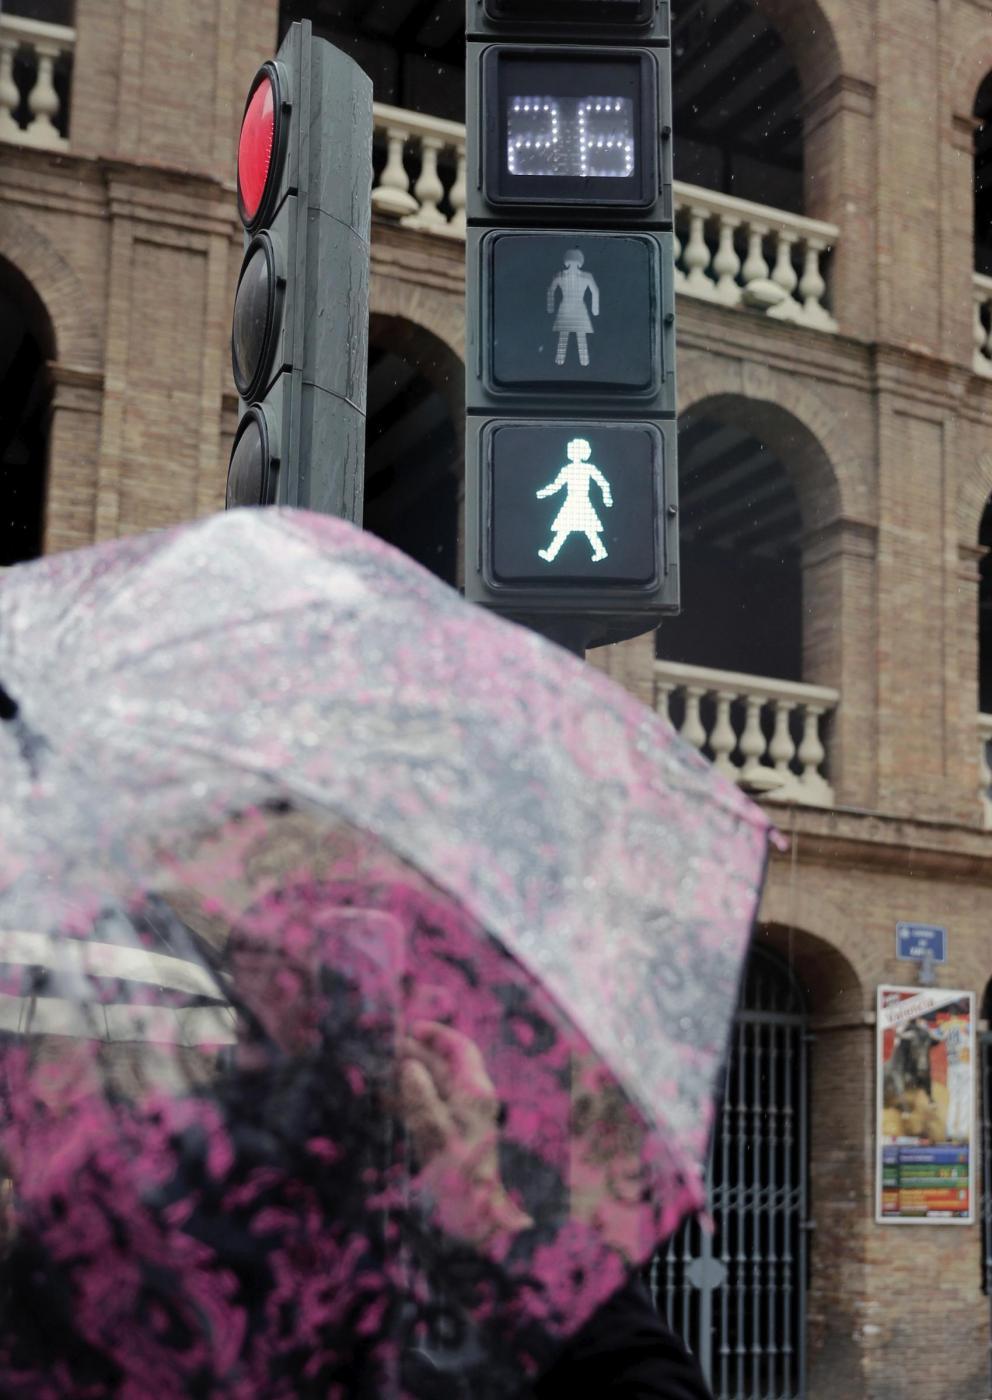 Valencia semafori per la parita di genere